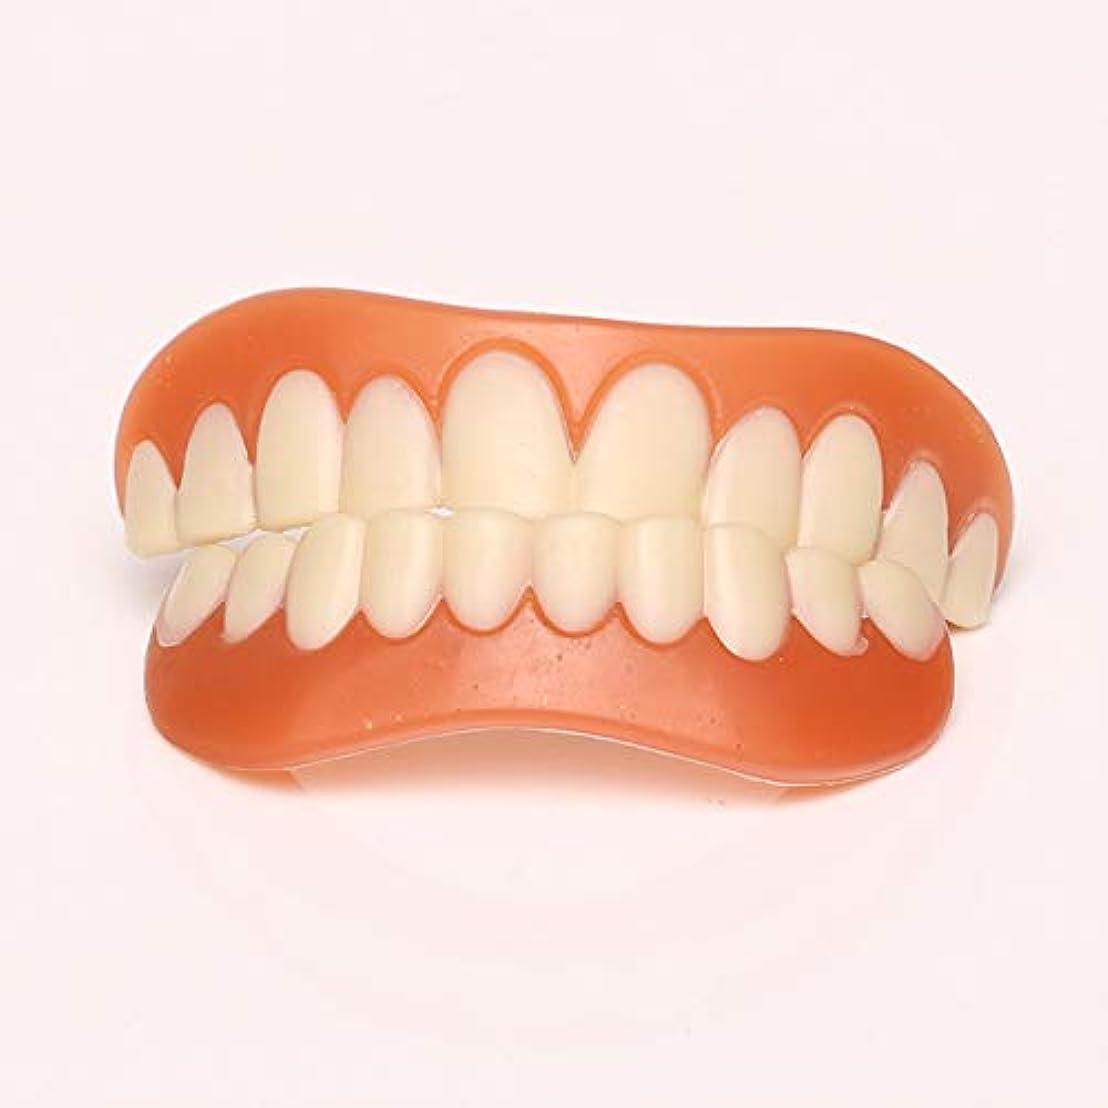 参照エンドテーブル衰える化粧品の歯、白い歯をきれいにするための快適なフィットフレックス歯ソケット、化粧品の歯義歯の歯のトップ化粧品、5セット